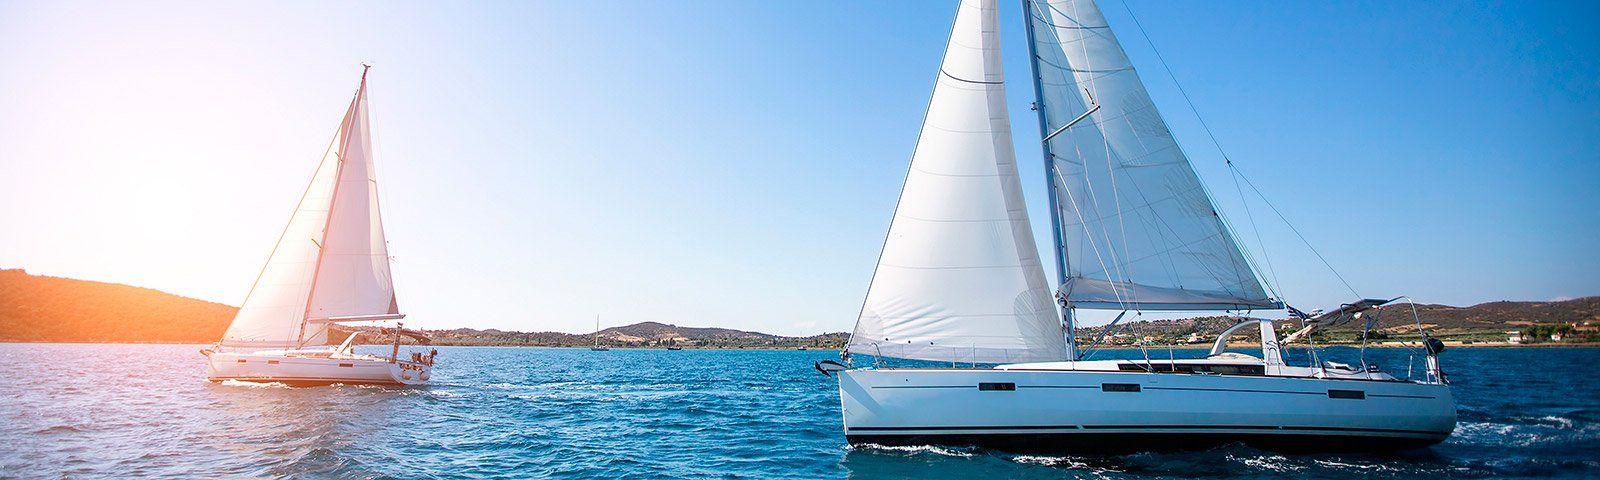 consejos-recomendaciones-charter-nautico